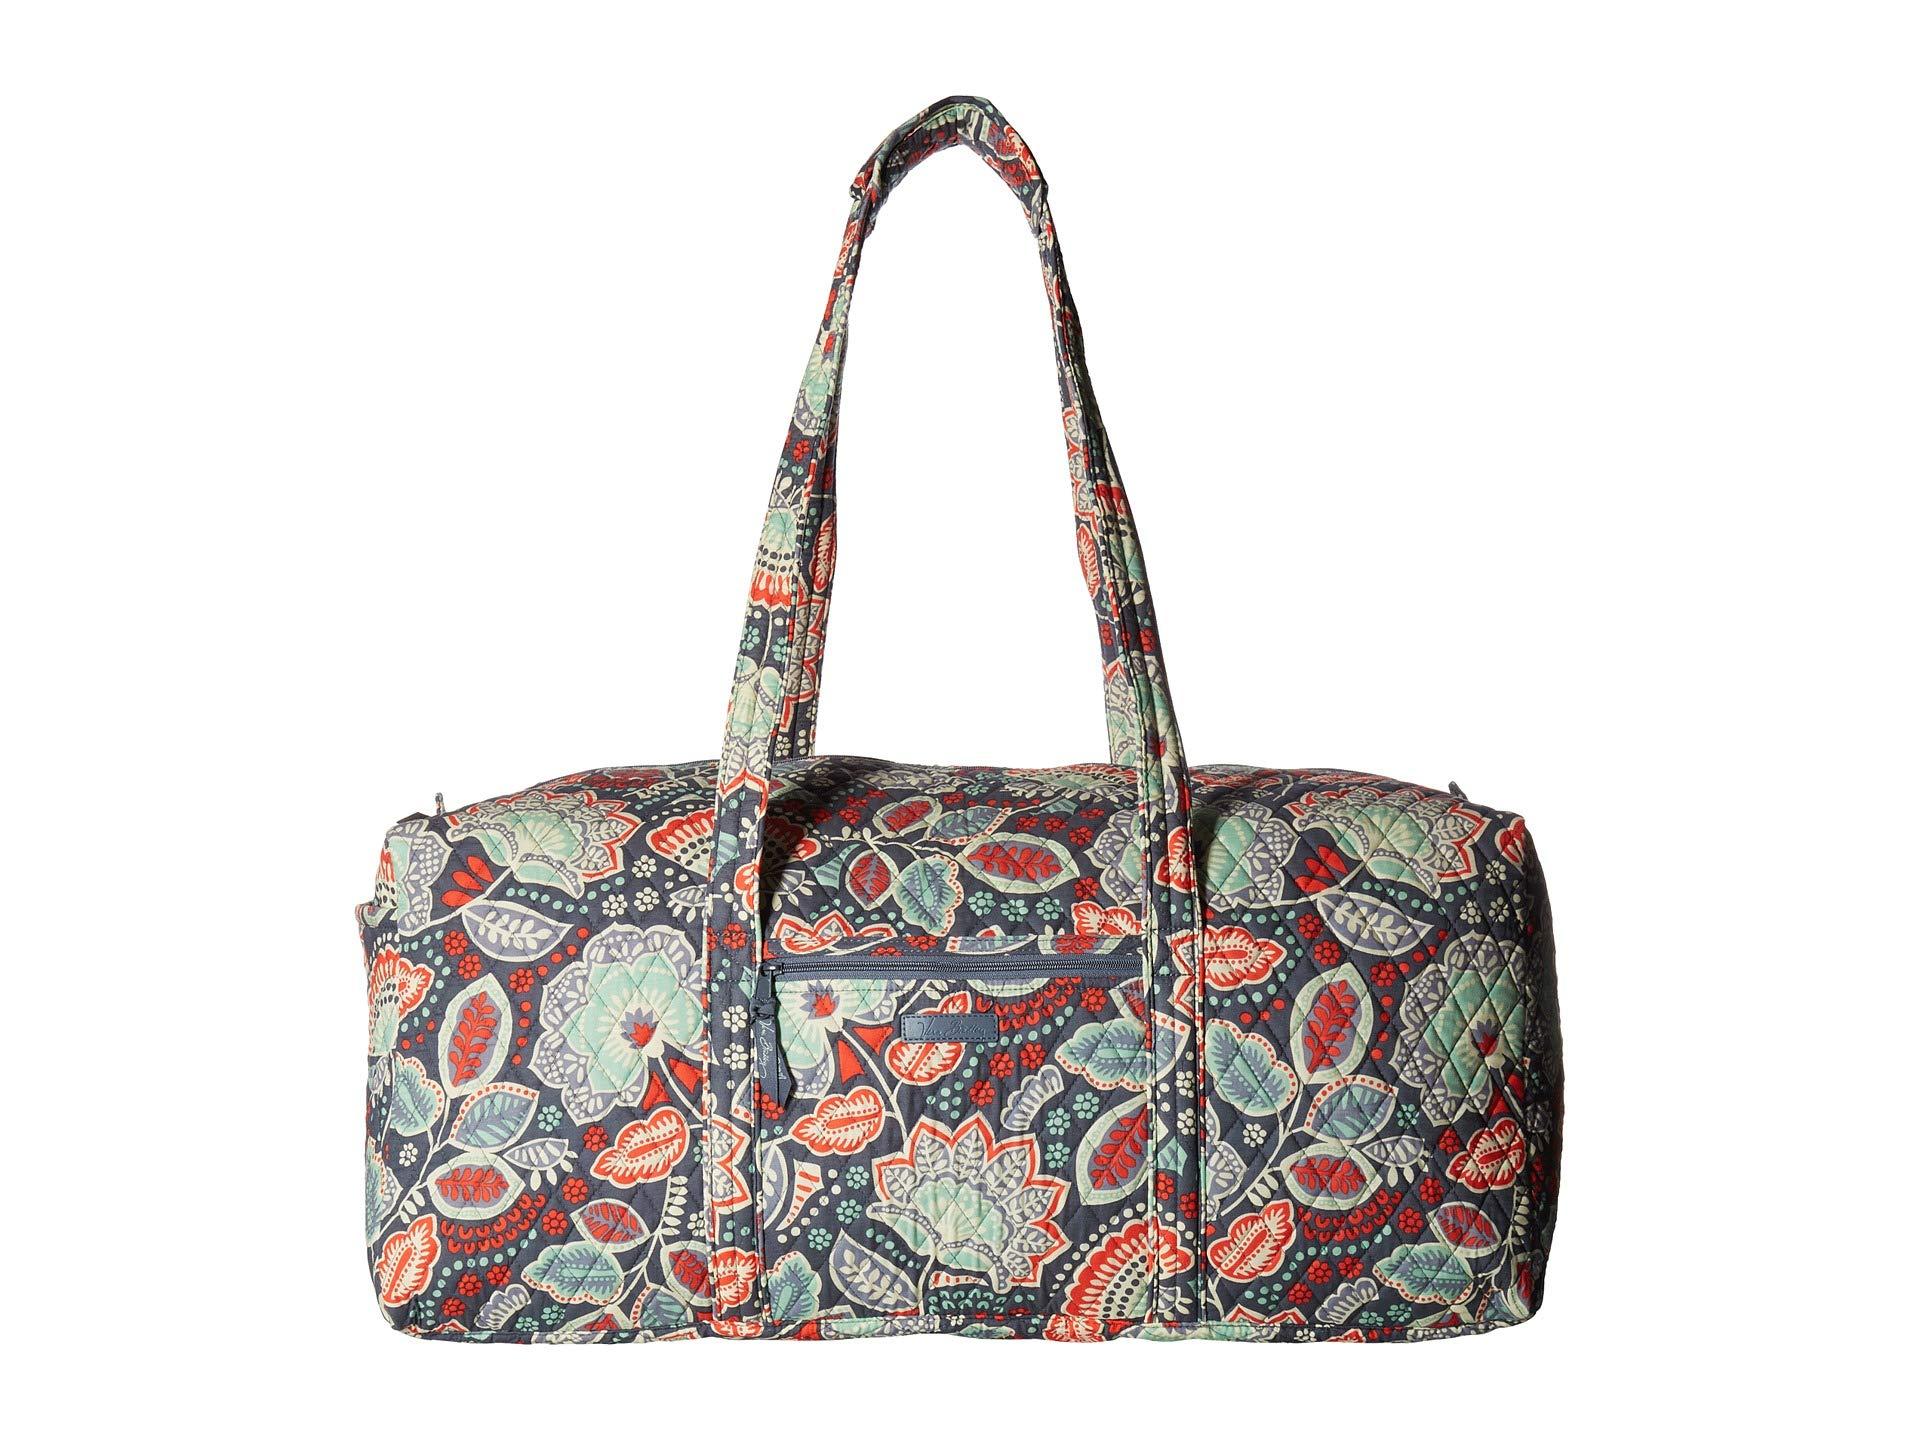 Bolso de Lona para Mujer Vera Bradley XL Duffel  + Vera Bradley en VeoyCompro.net